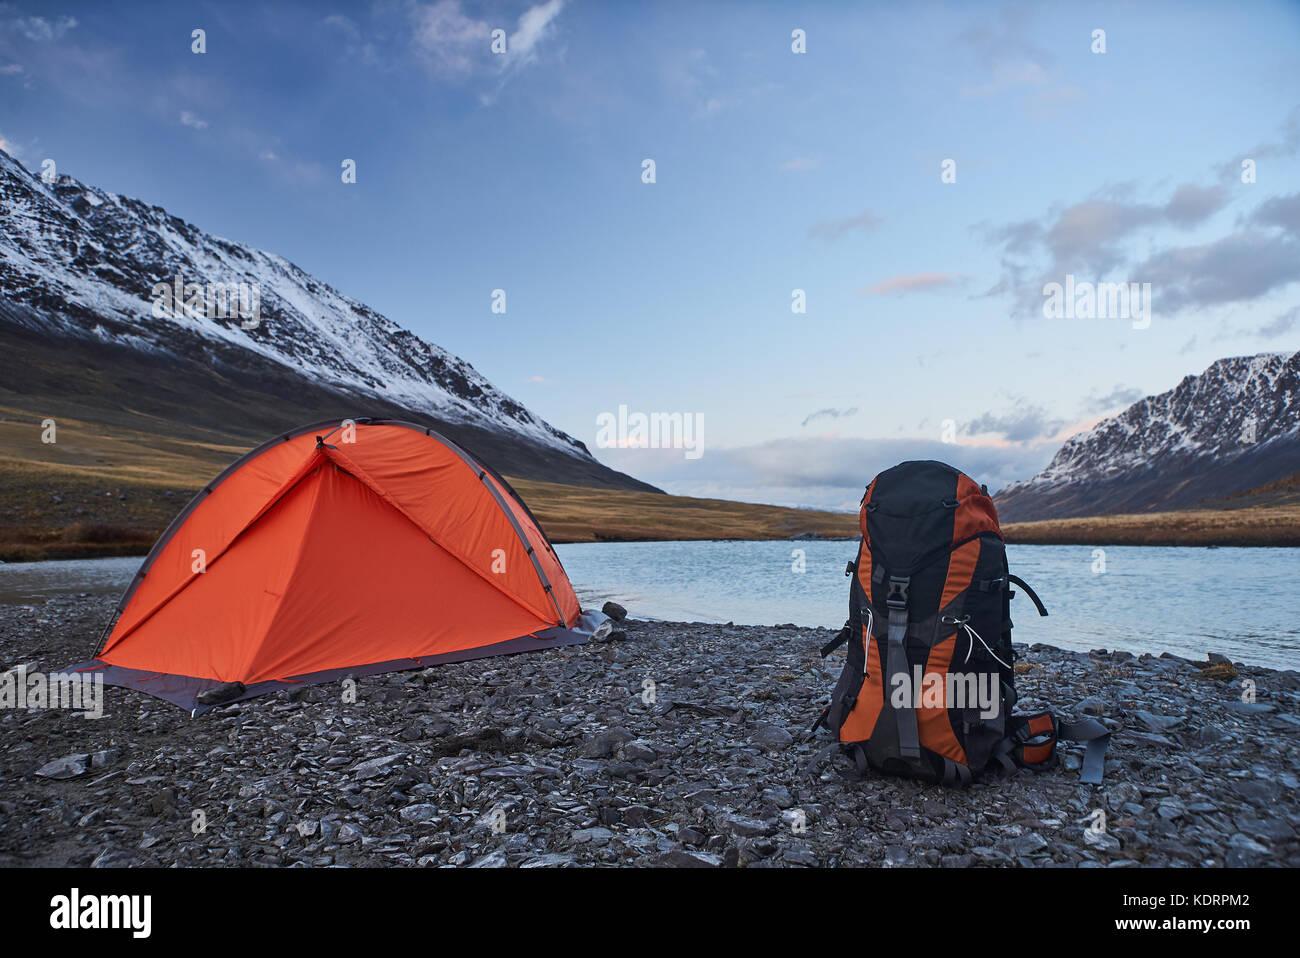 Tenda con zaino in montagna Immagini Stock